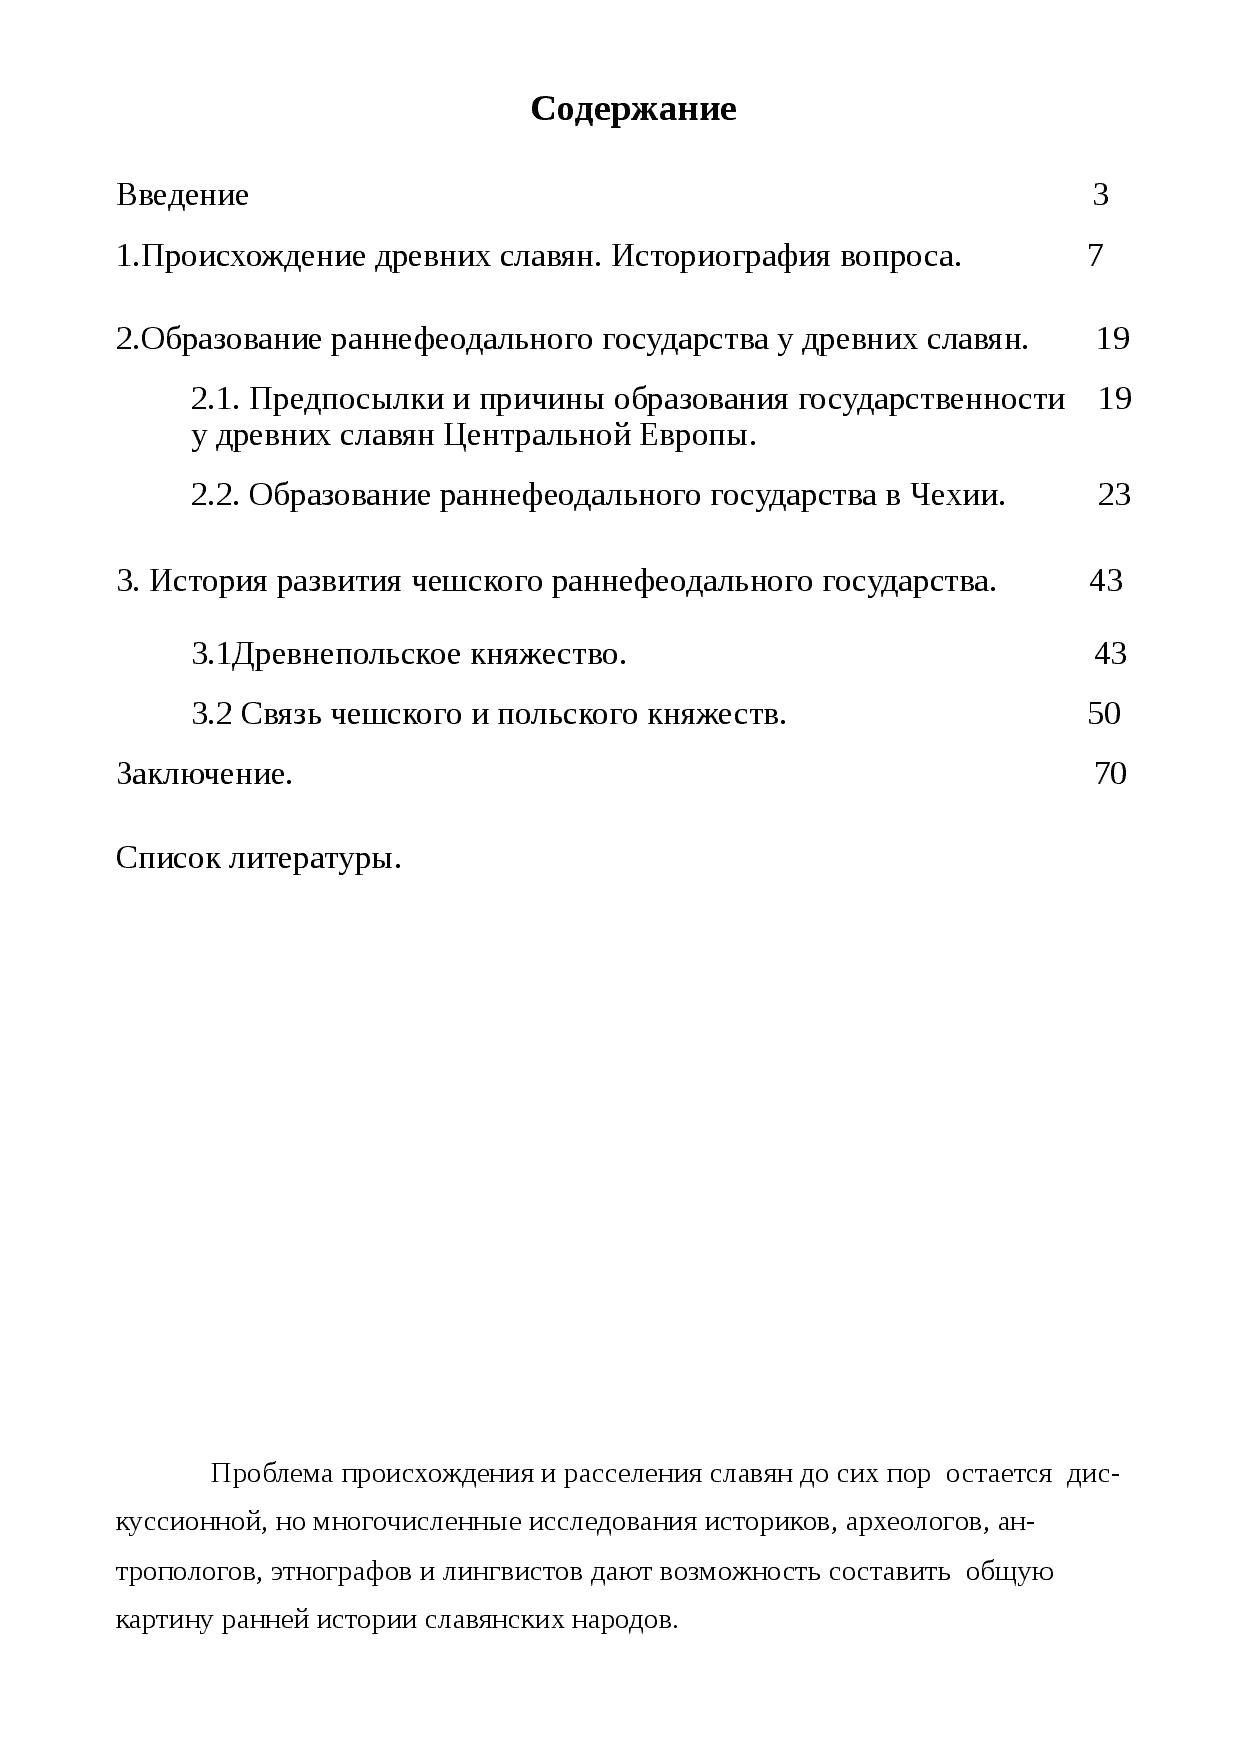 дата образования чехии